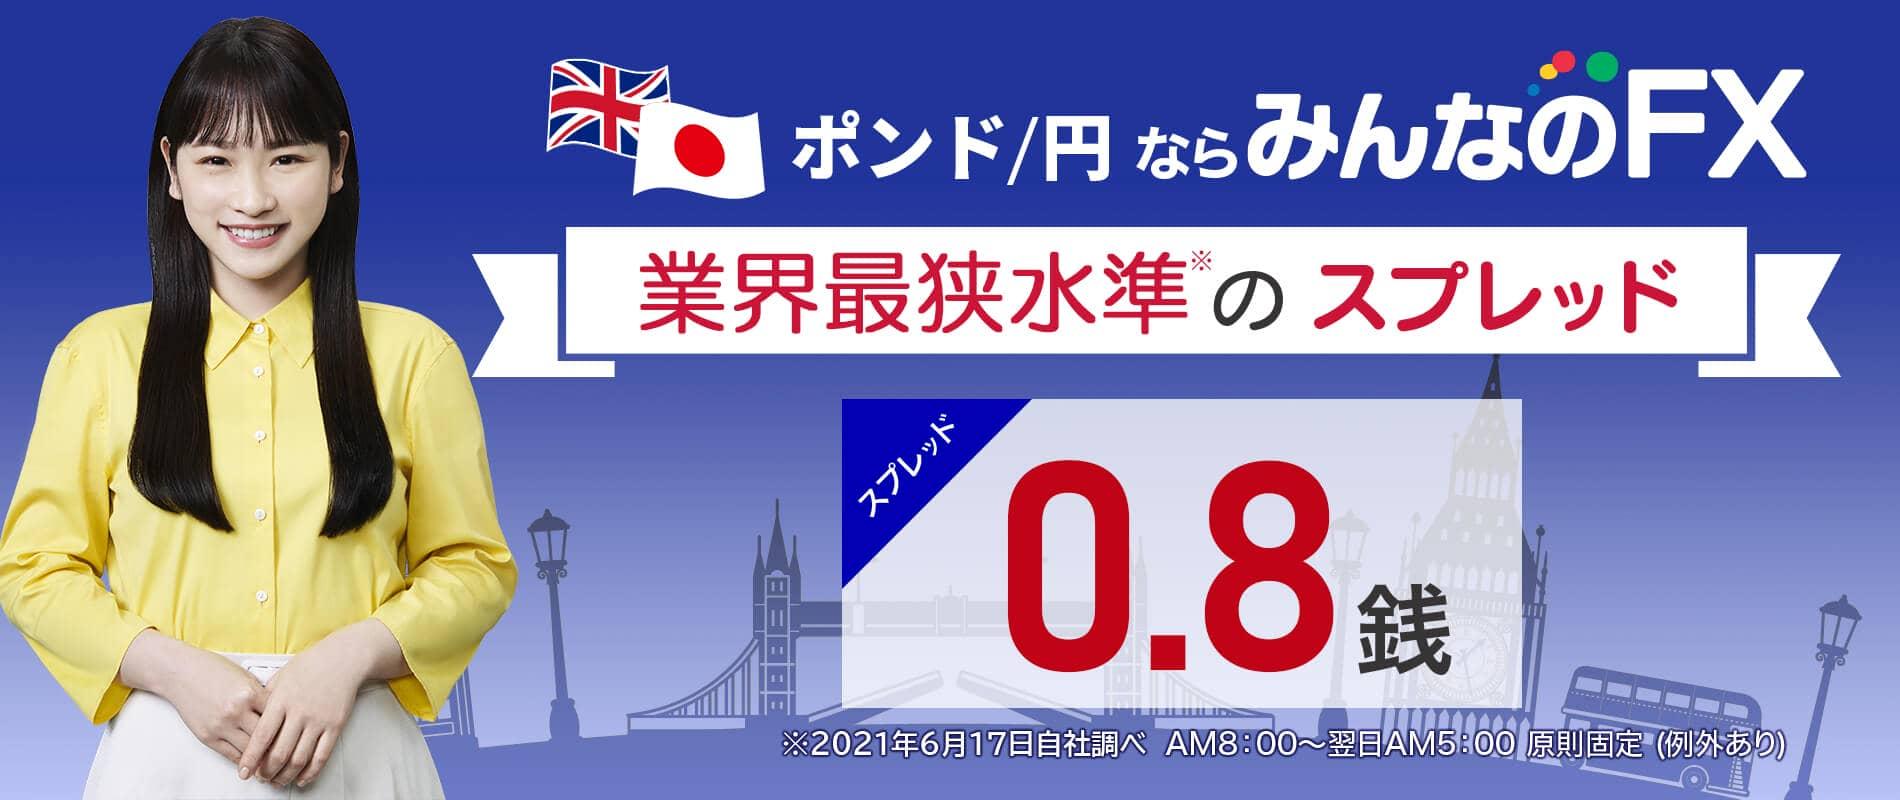 ポンド 円 60 60.48(JPY) 日本円(JPY)